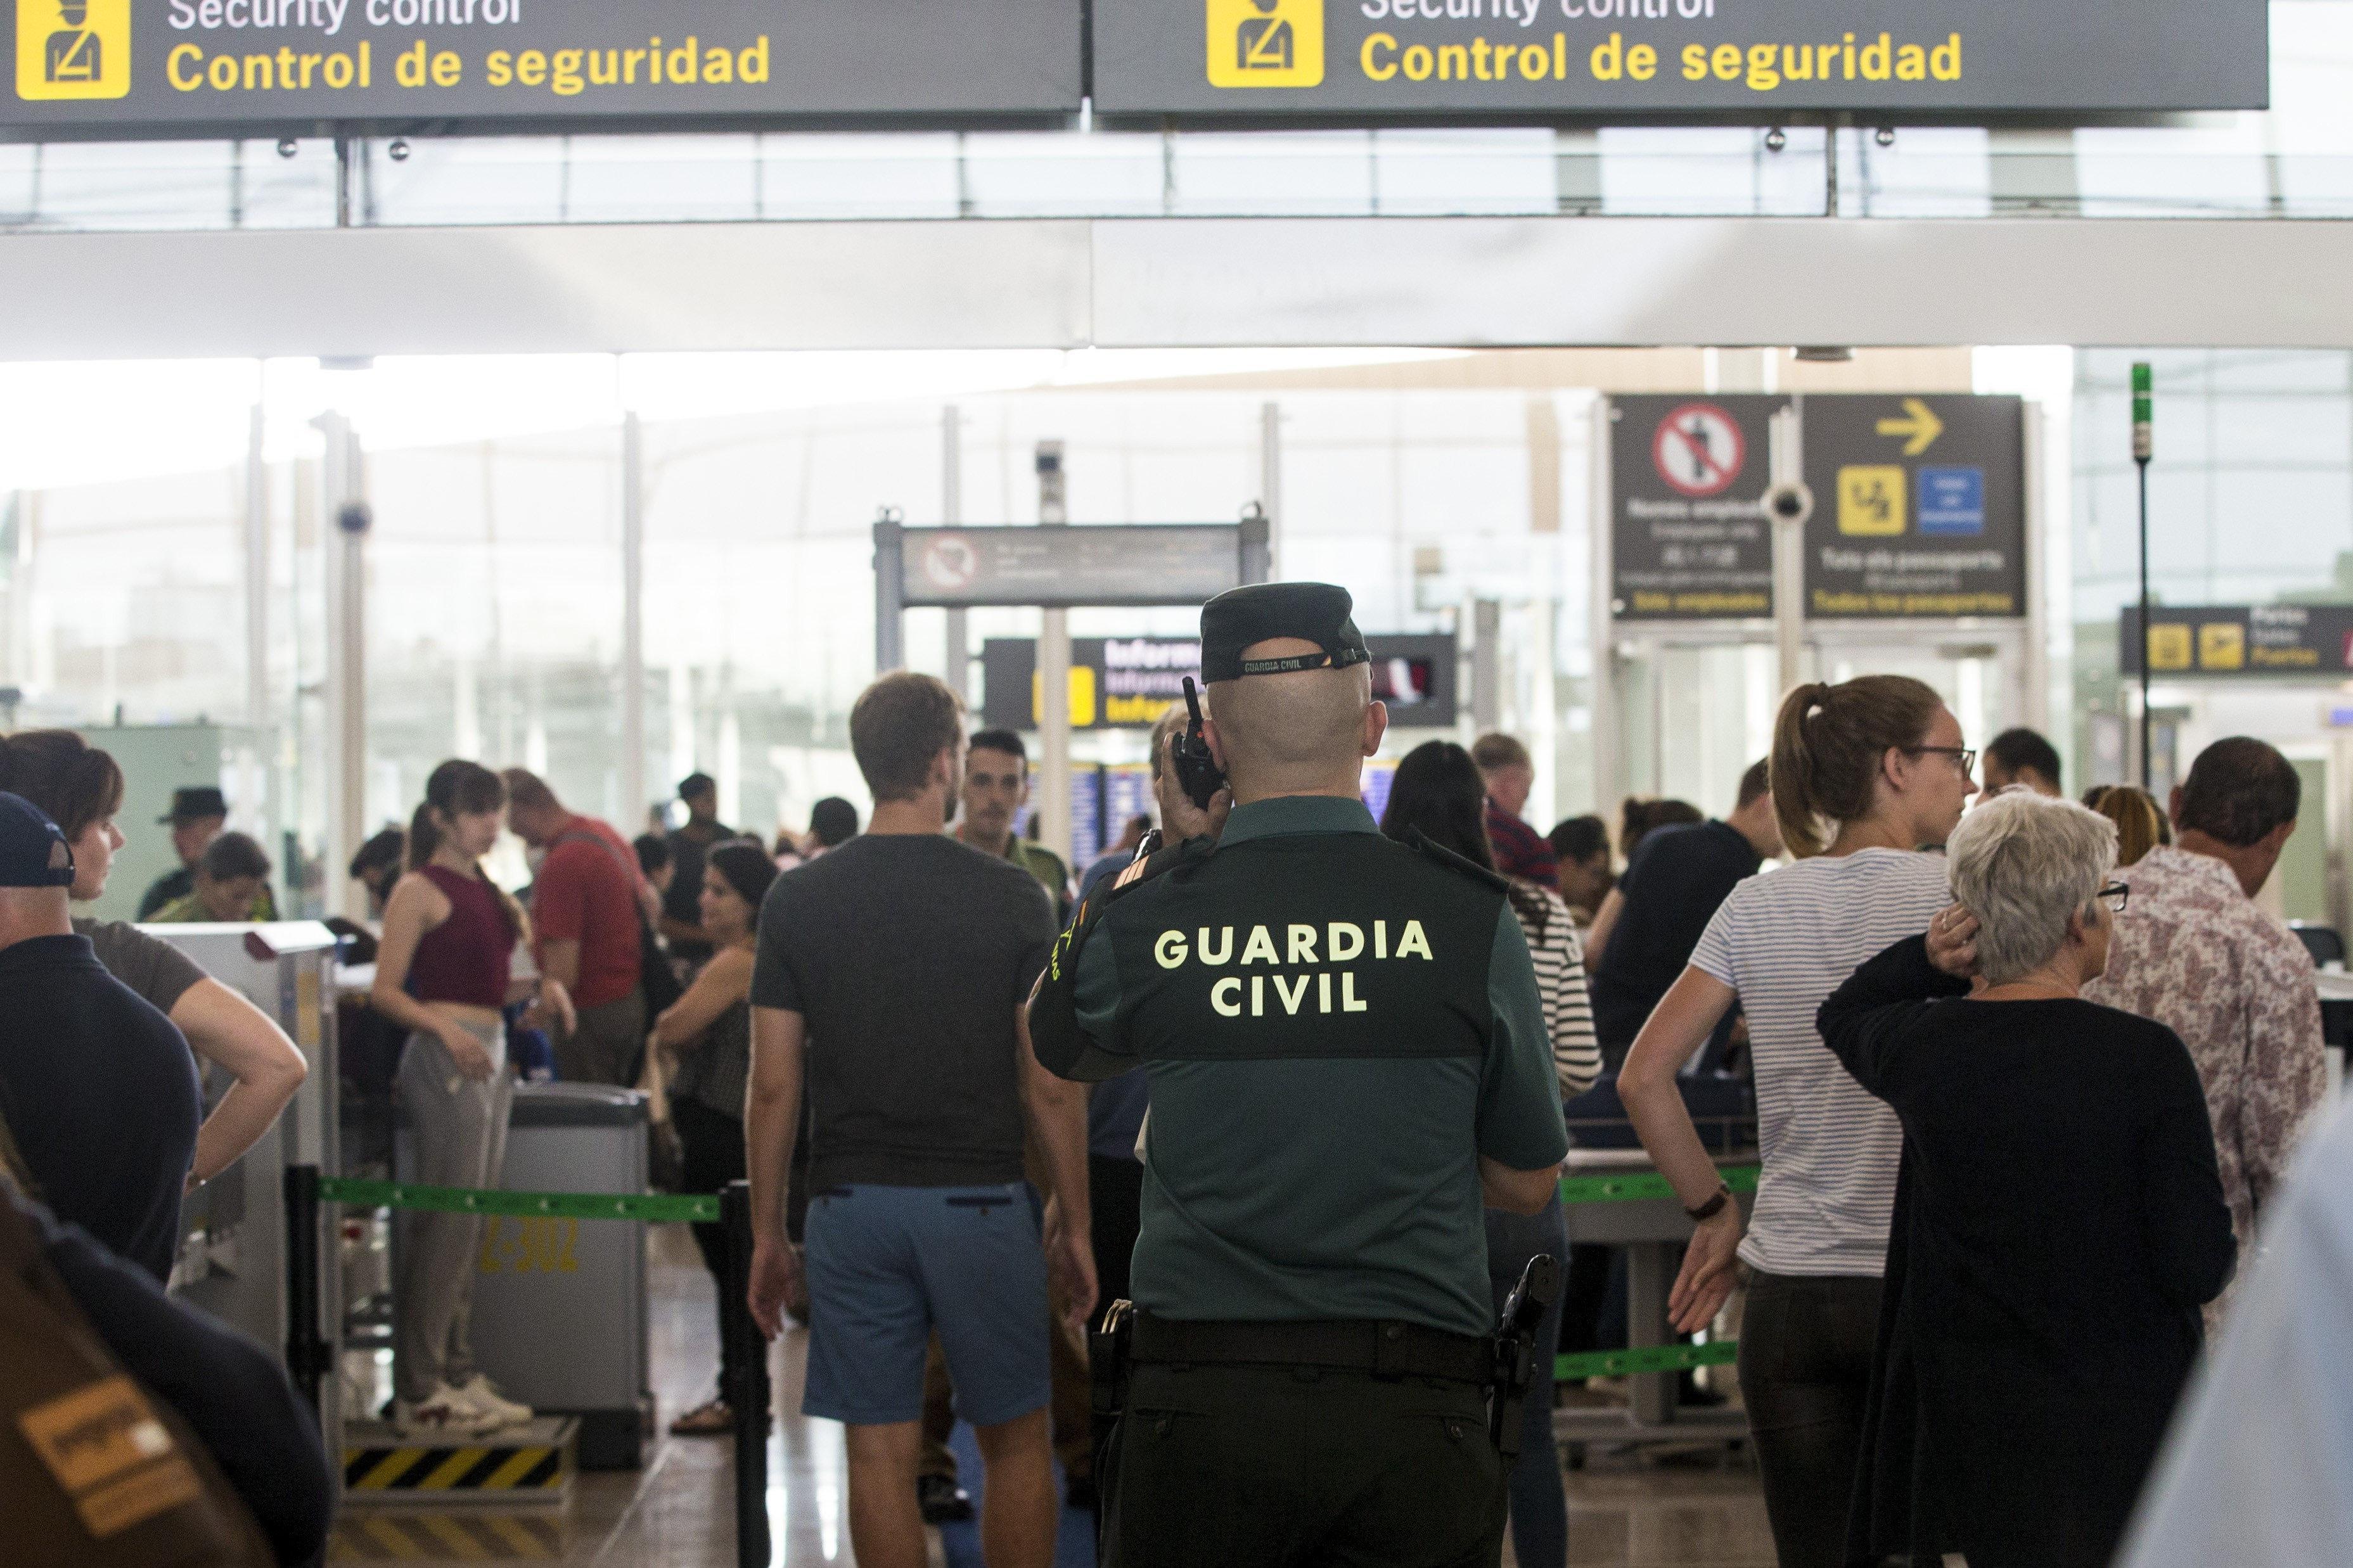 L'aeroport de Barcelona-El Prat ha tornat a registrar cues de fins a una hora en els controls de seguretat, especialment a primera hora del matí, a causa de la vaga que duen a terme els treballadors d'Eulen. /QUIQUE GARCÍA